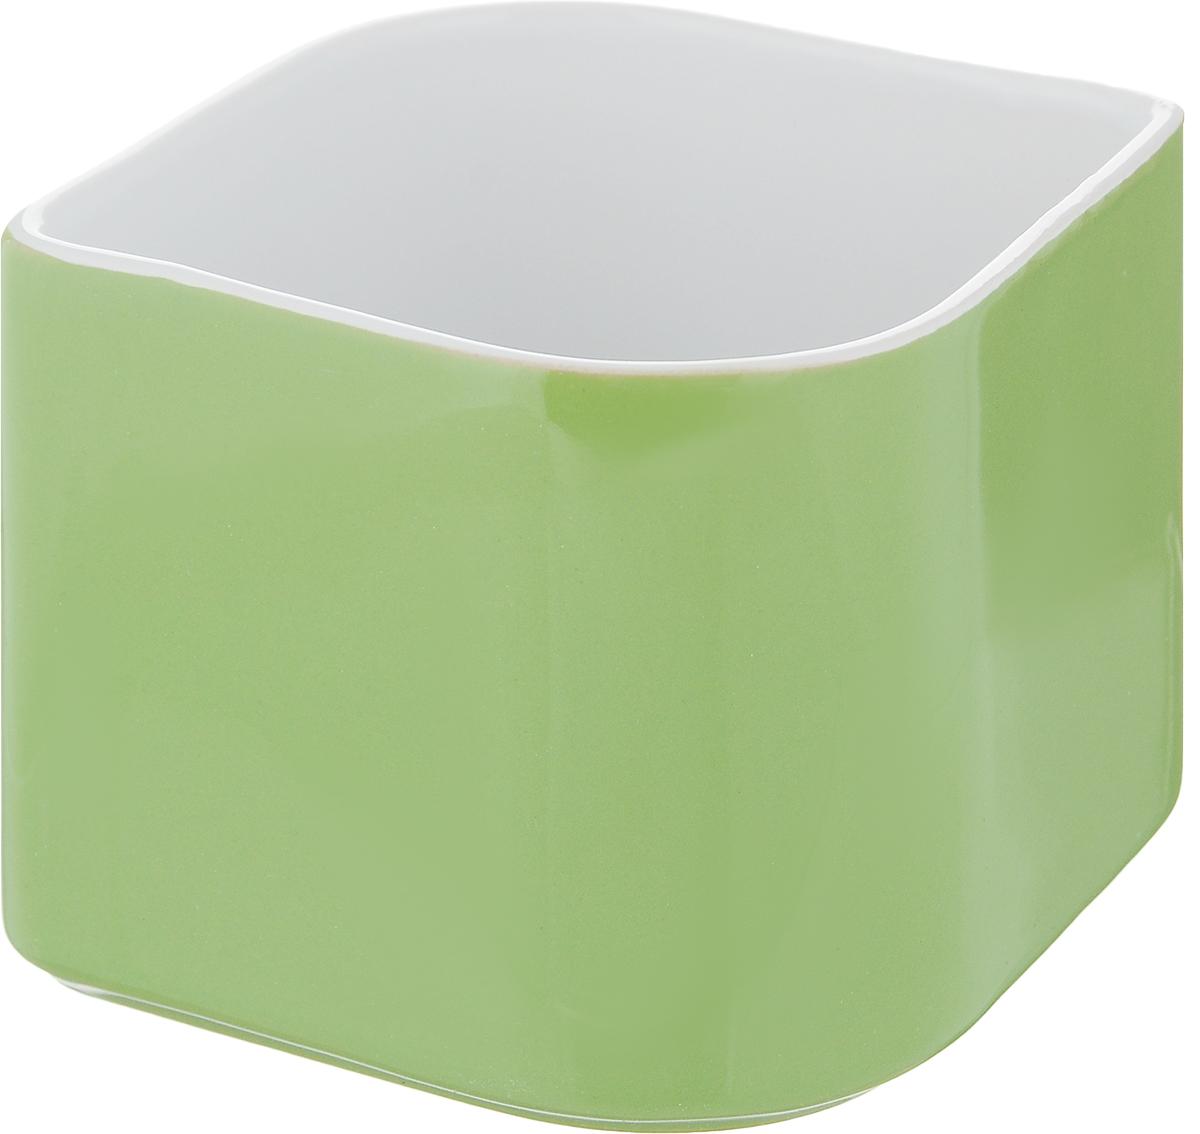 Горшок цветочный Tescoma Sense, цвет: зеленый, 11 х 13 х 9 см899030_зеленыйЦветочный горшок Tescoma Sense изготовлен из первоклассной керамики. Горшок подходит для выращивания цветов, растений и трав. Цветочный горшок можно мыть в посудомоечной машине. Размер горшка (по верхнему краю): 11 х 13,5 см. Высота горшка: 9 см.